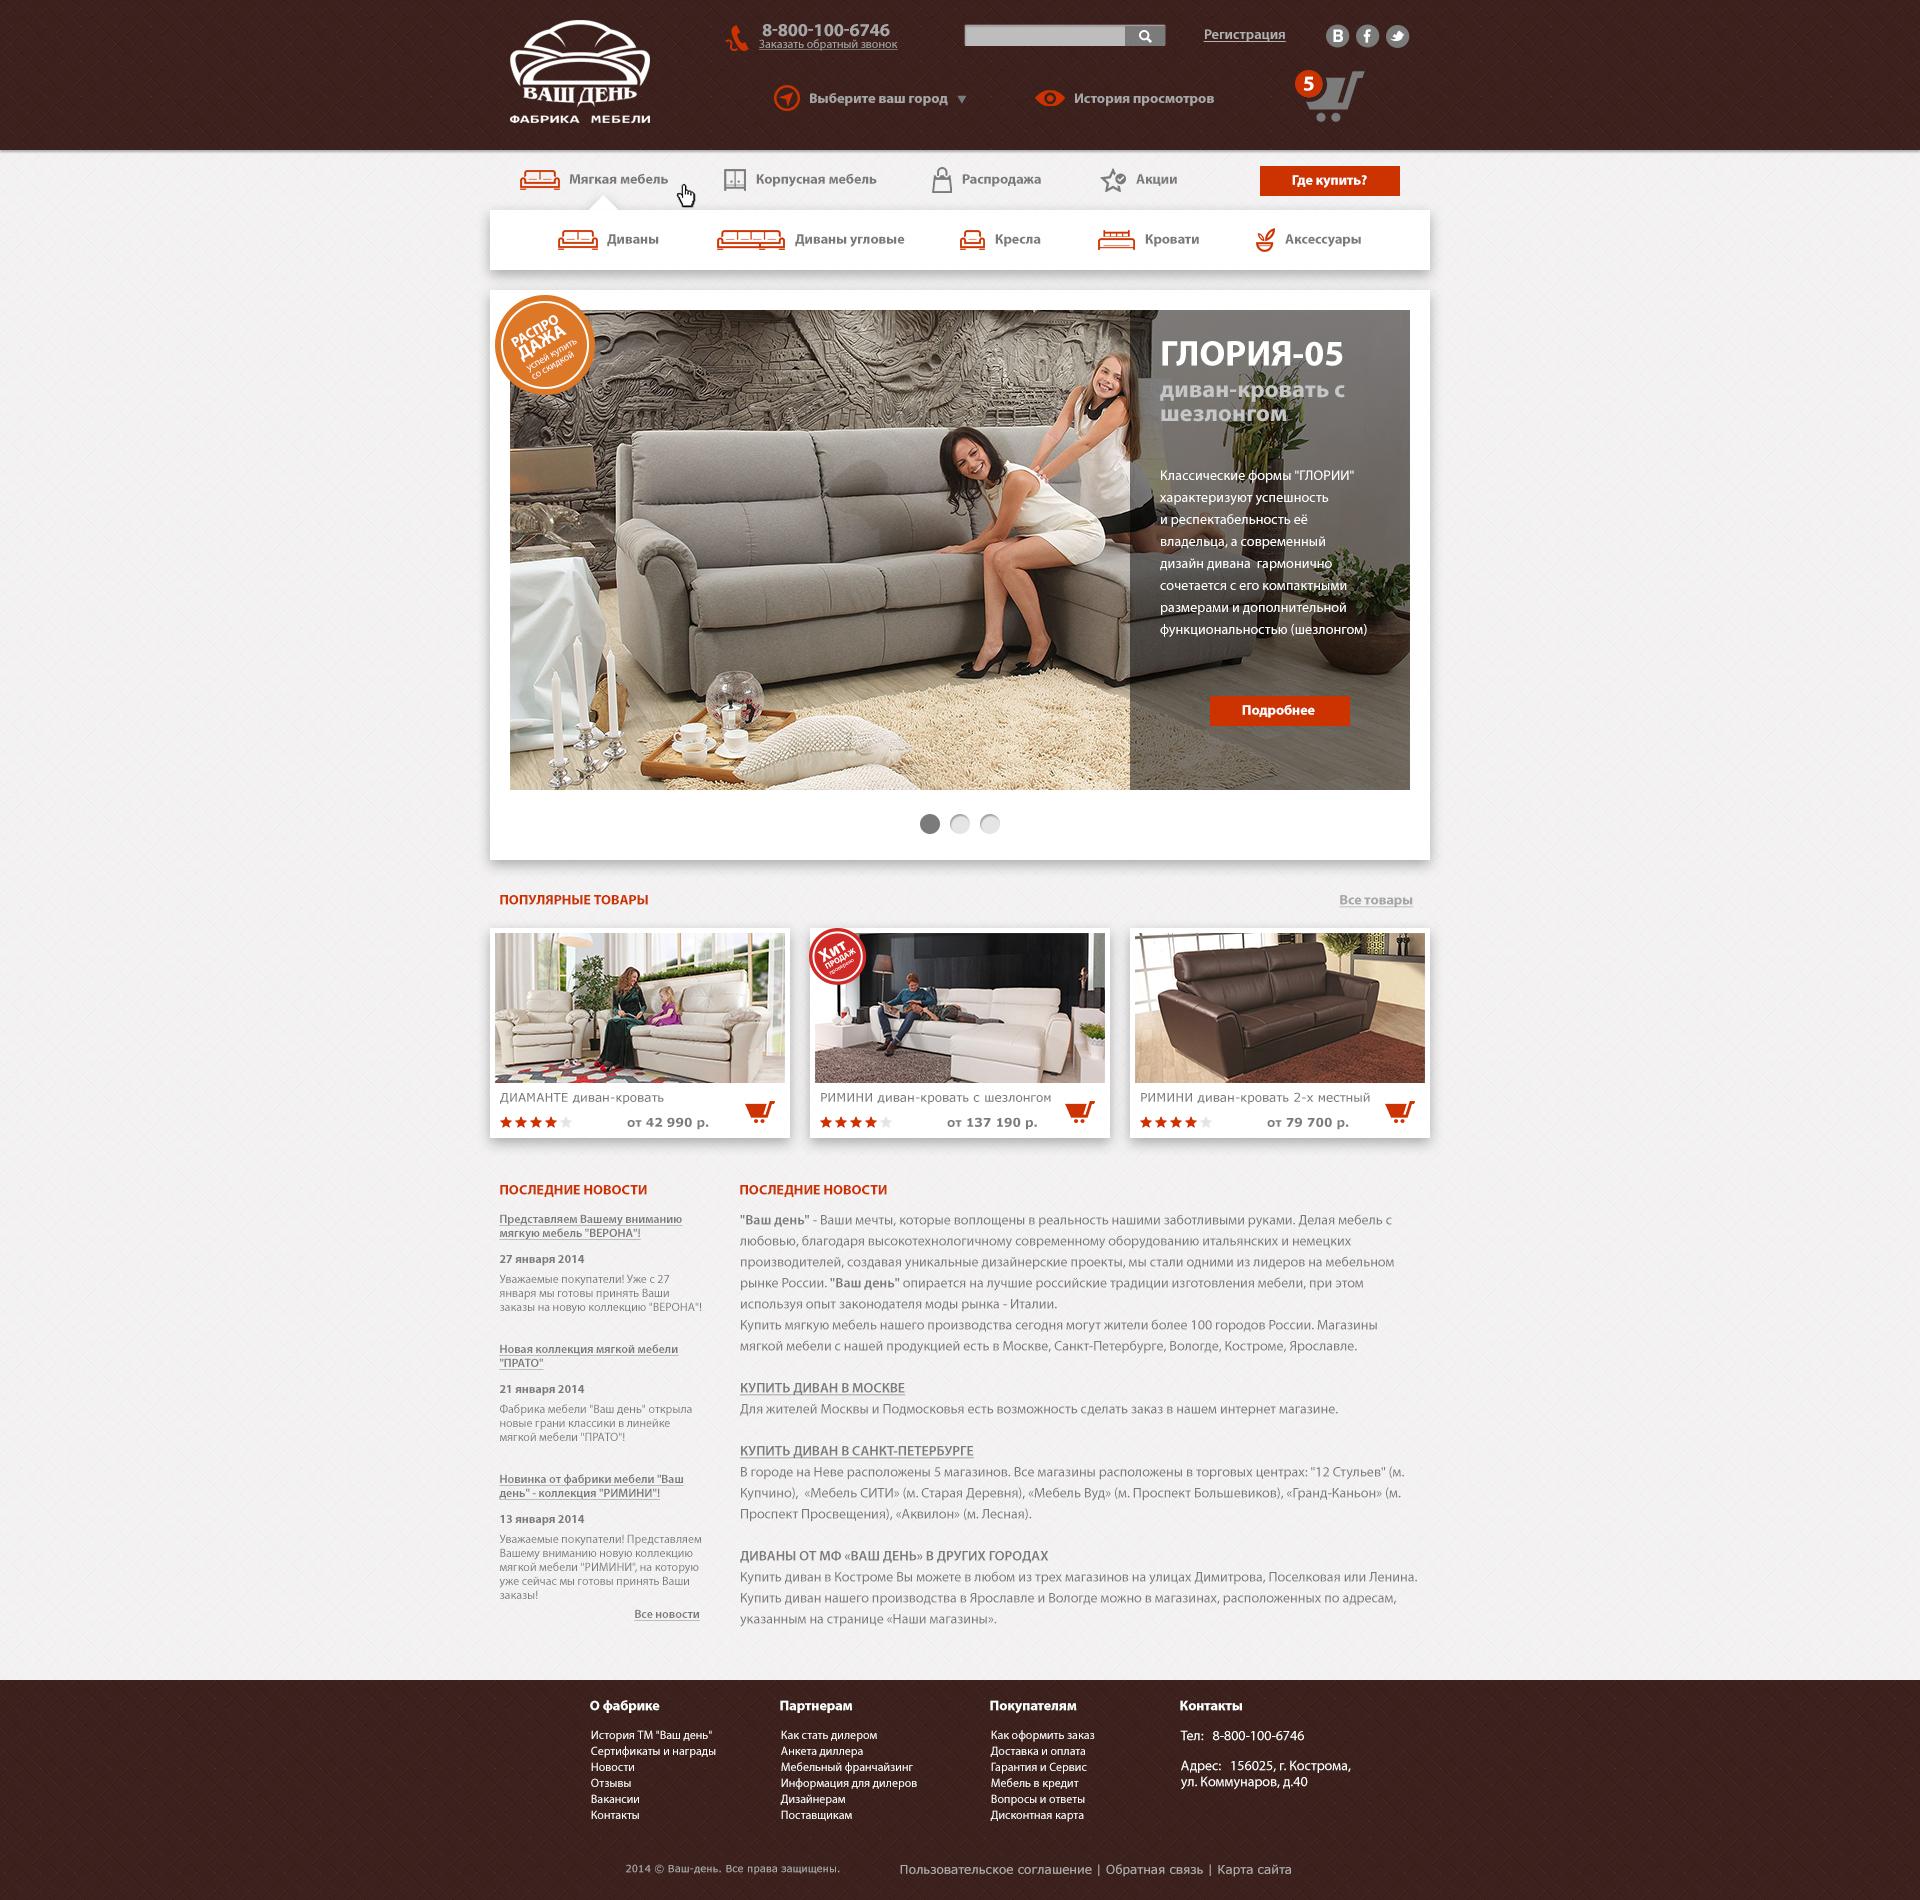 Разработать дизайн для интернет-магазина мебели фото f_49852ead67b03503.jpg